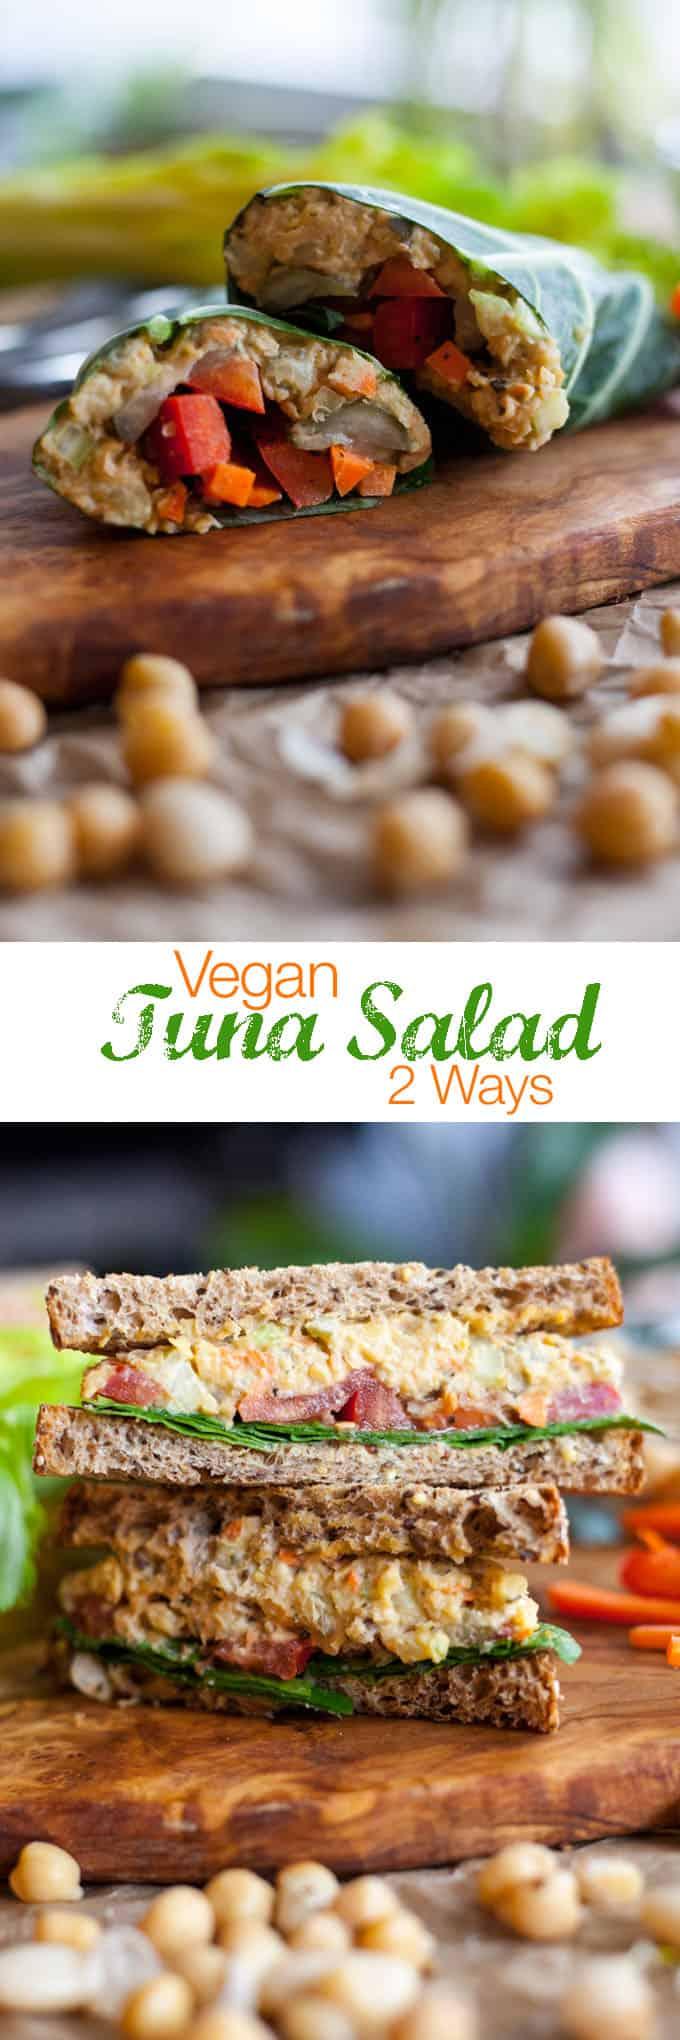 vegan tunna salad recipe